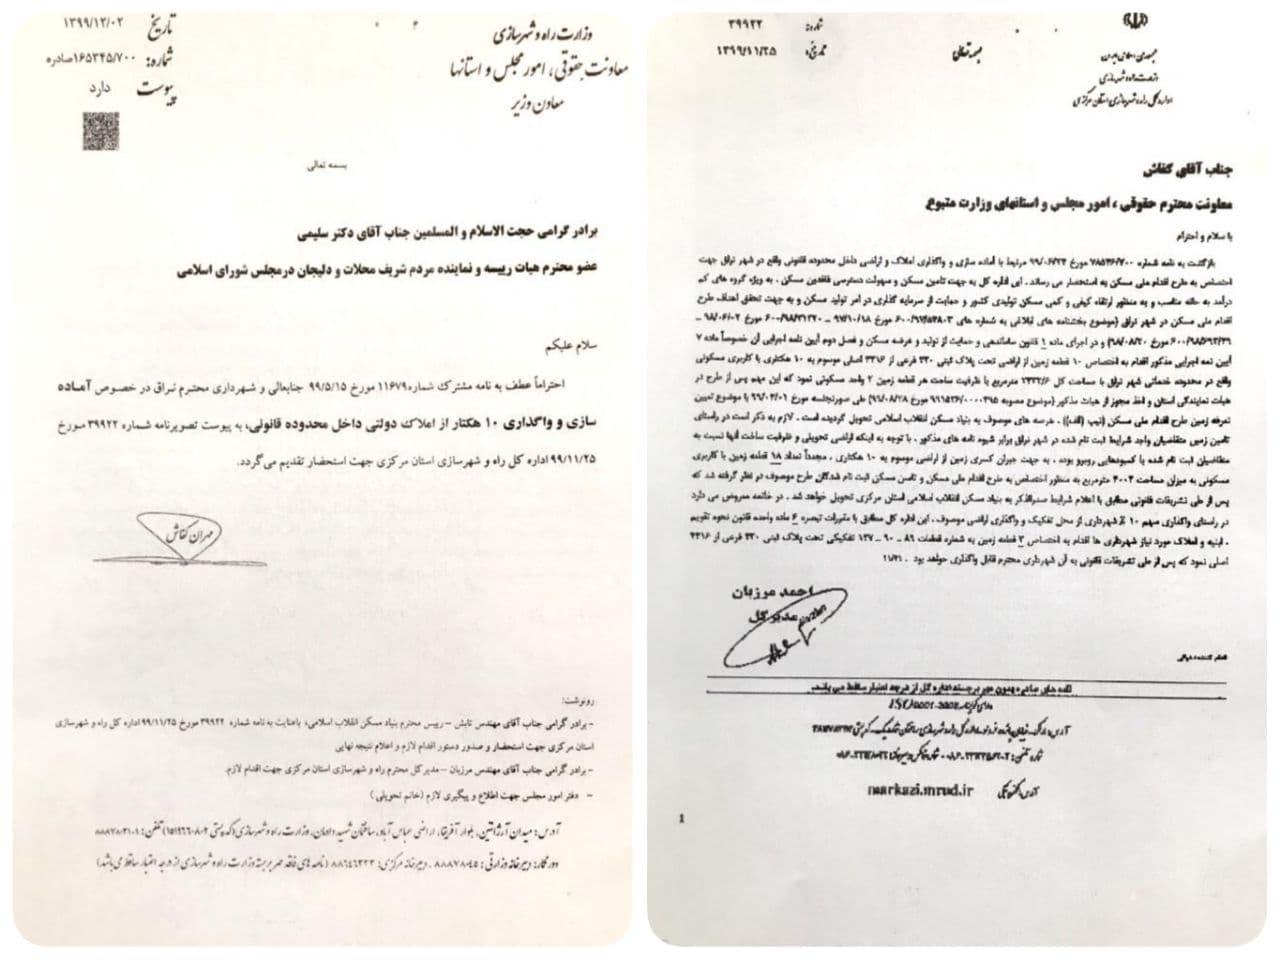 یگیری دکتر سلیمی در خصوص آماده سازی و واگذاری ۱۰ هکتار از املاک دولتی داخل محدوده قانونی شهر نراق موضوع درخواست مشترک با شهرداری شهر نراق